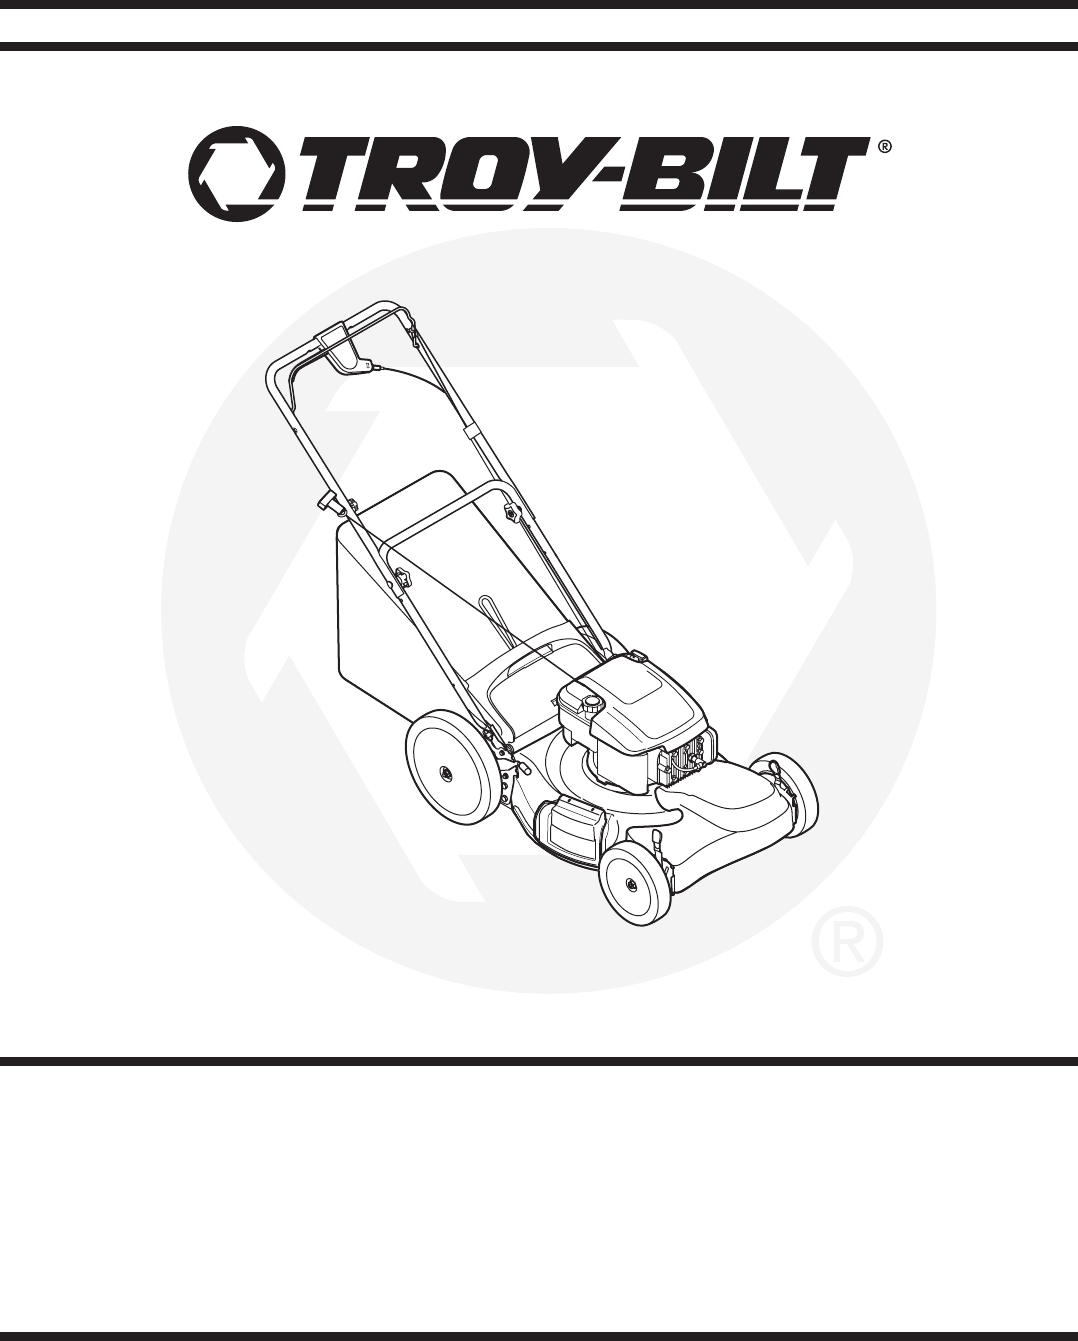 Troy Bilt Lawn Mower V560 User Guide